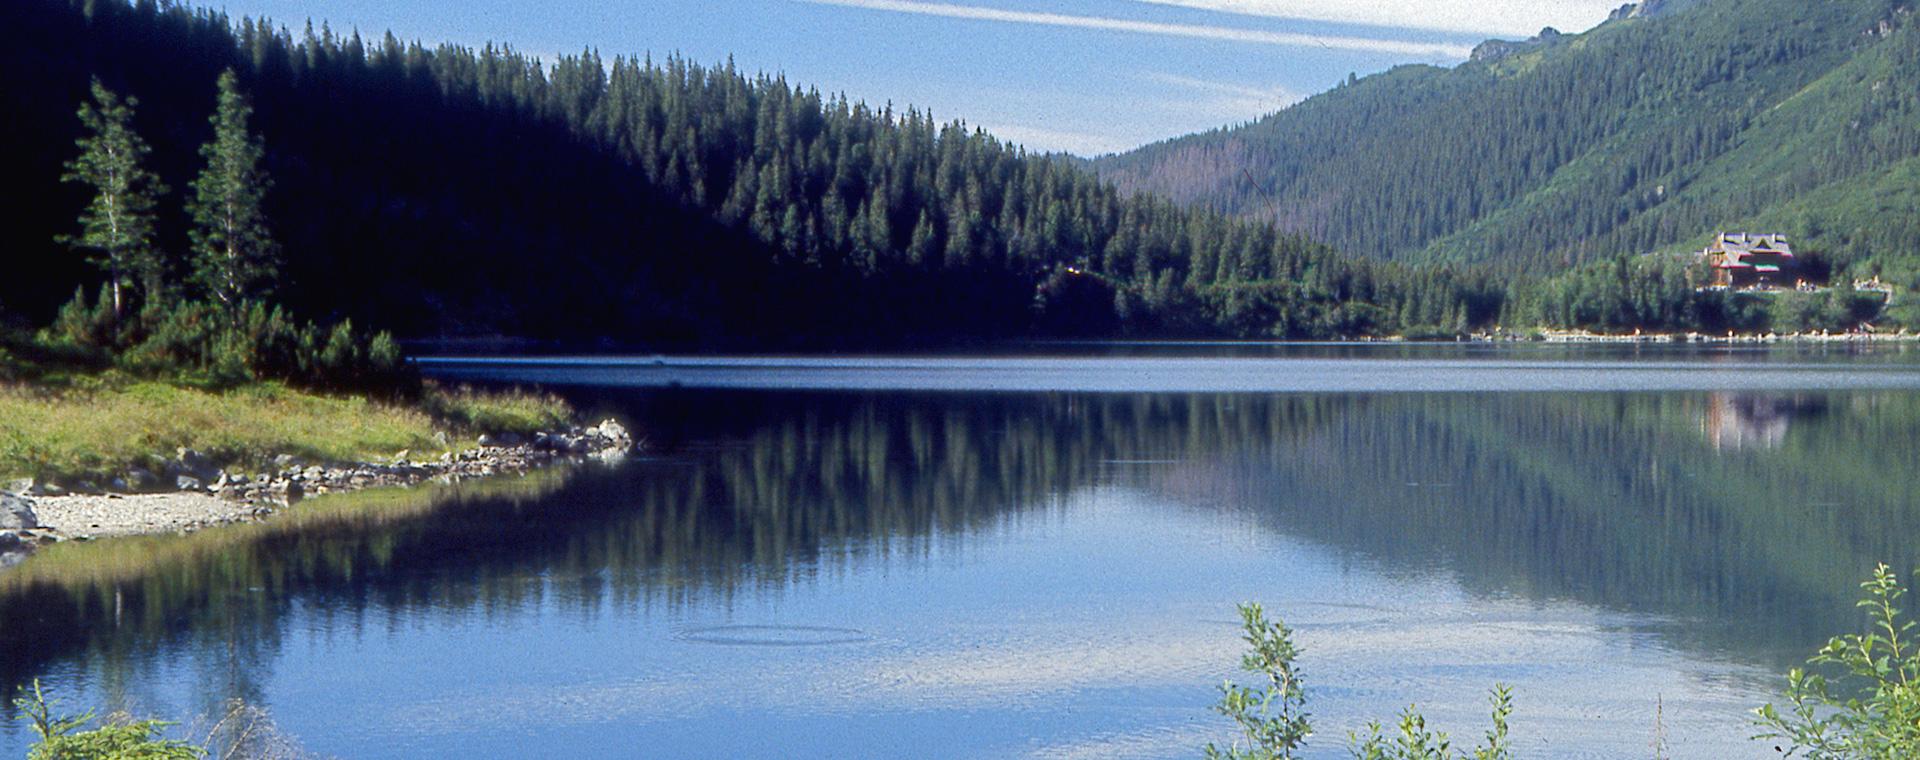 Image Cracovie et les Tatras